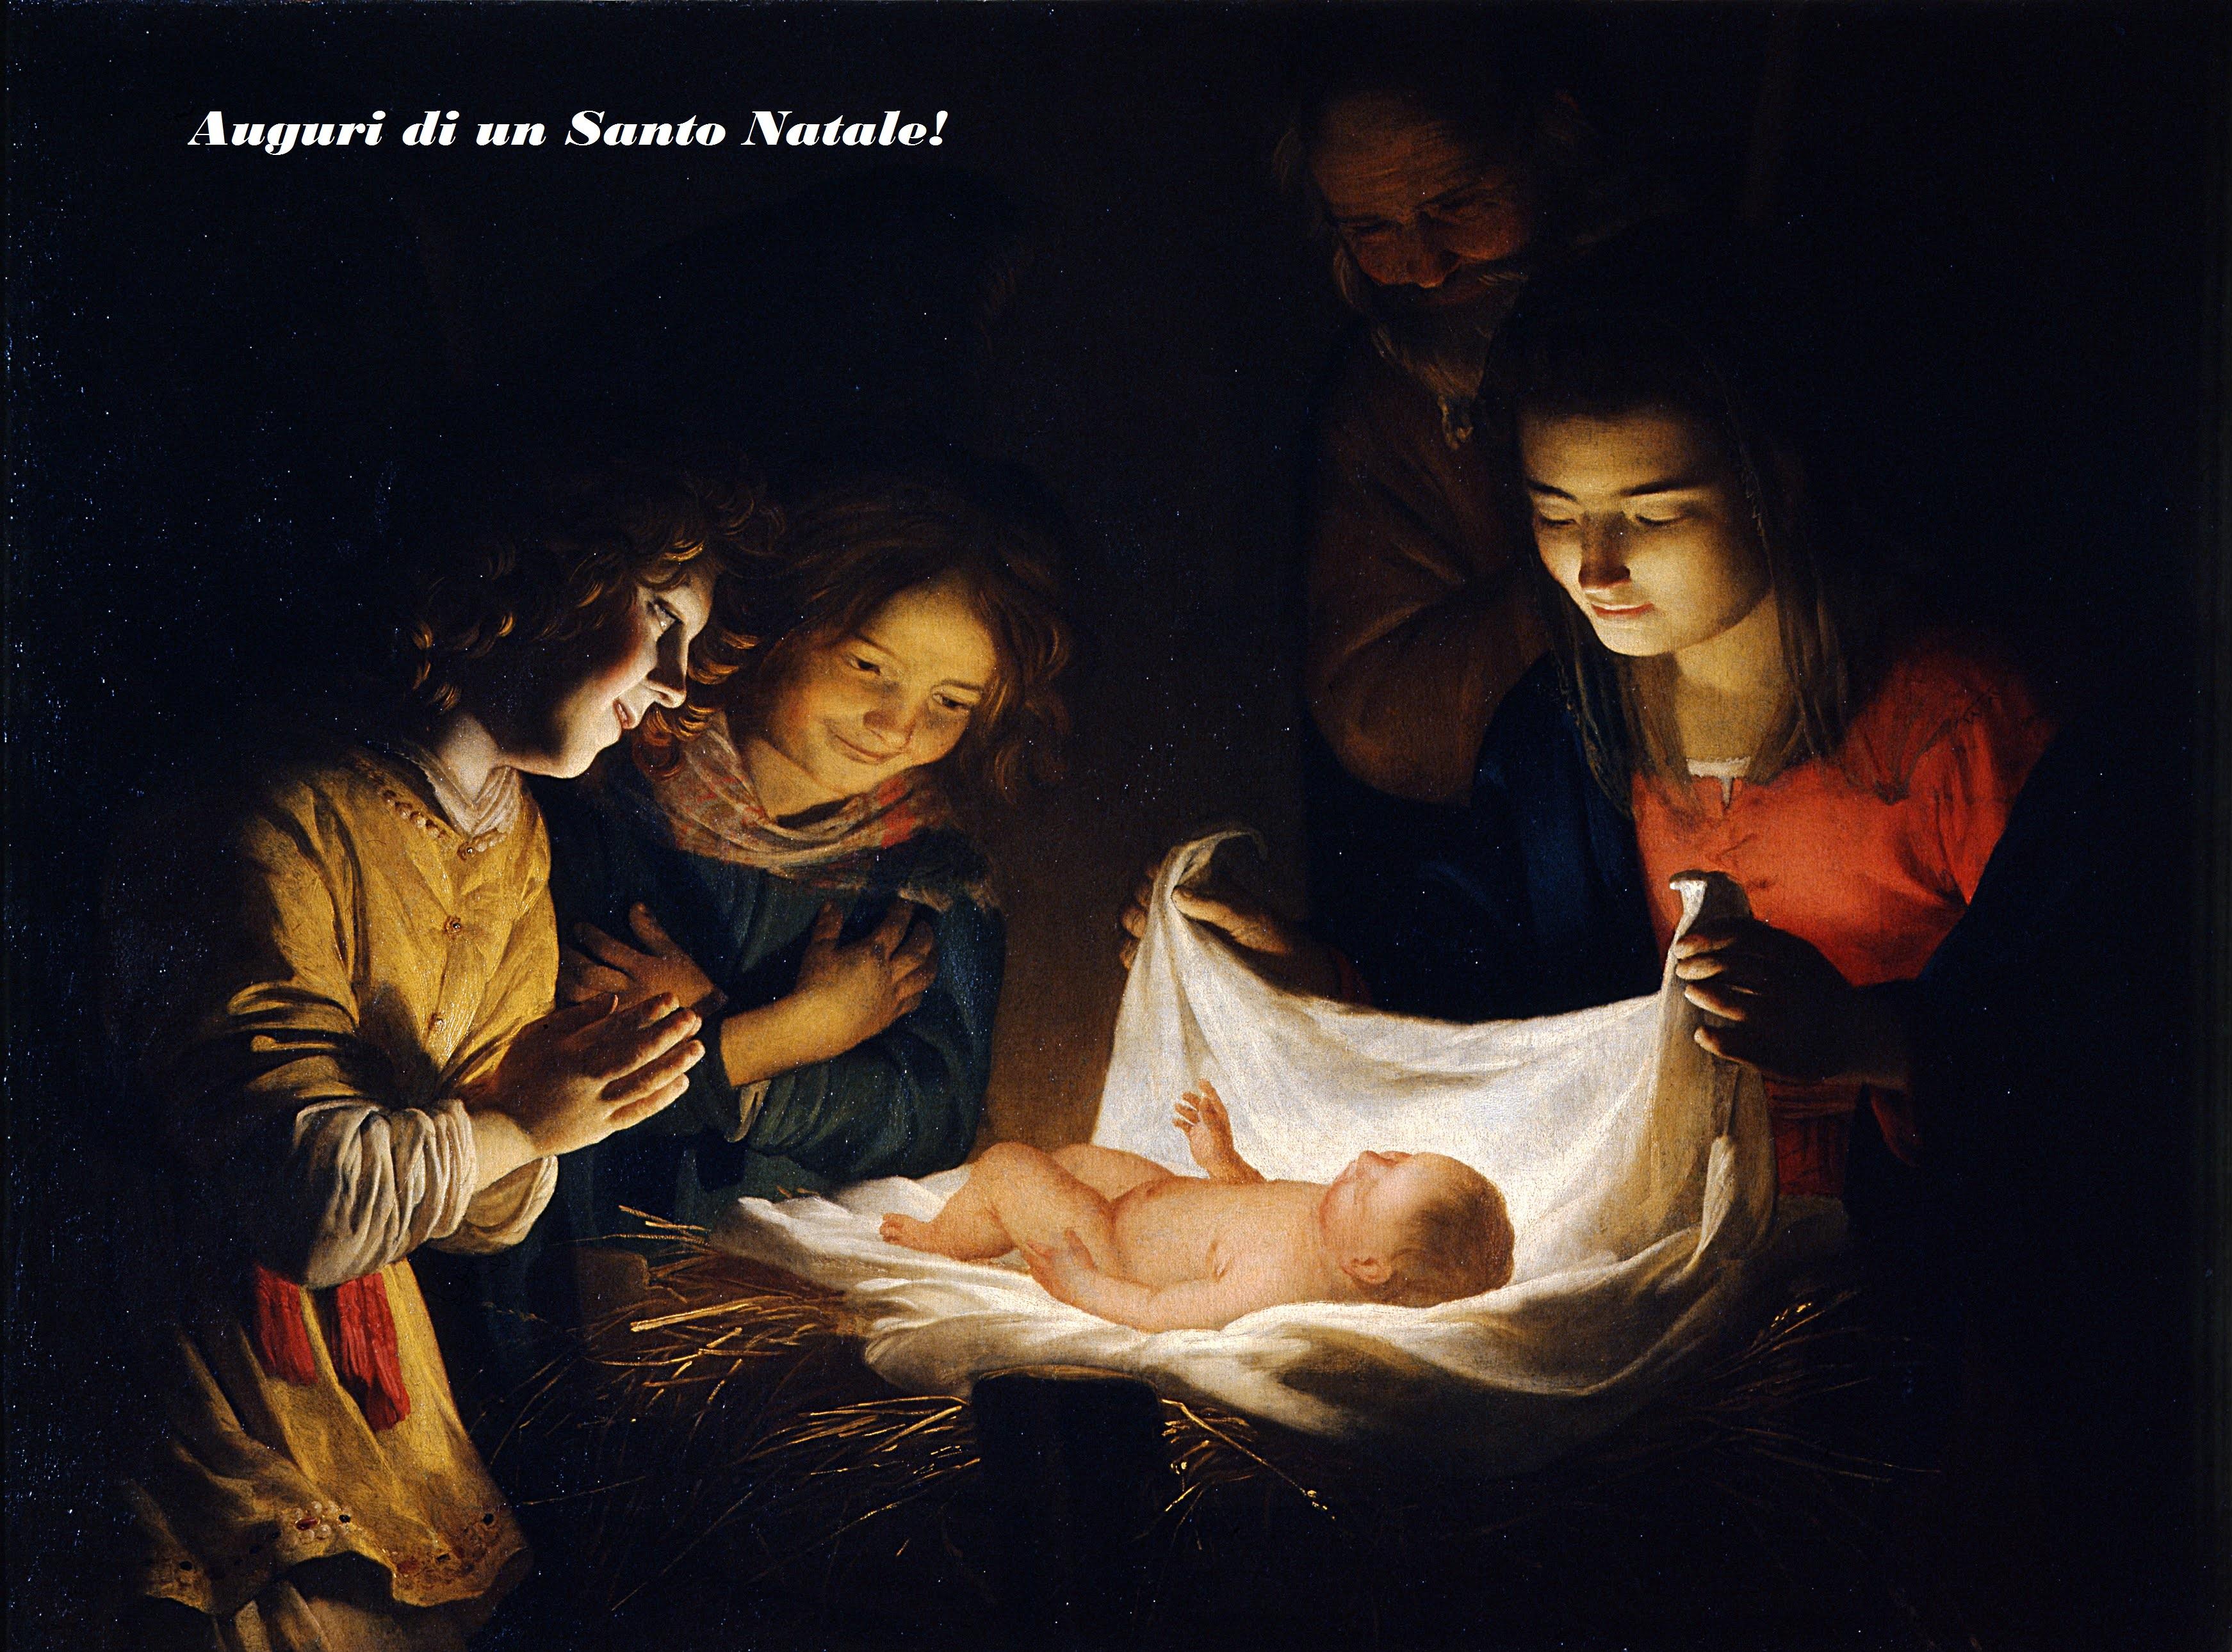 Immagini Santo Natale.Auguri Di Un Santo Natale